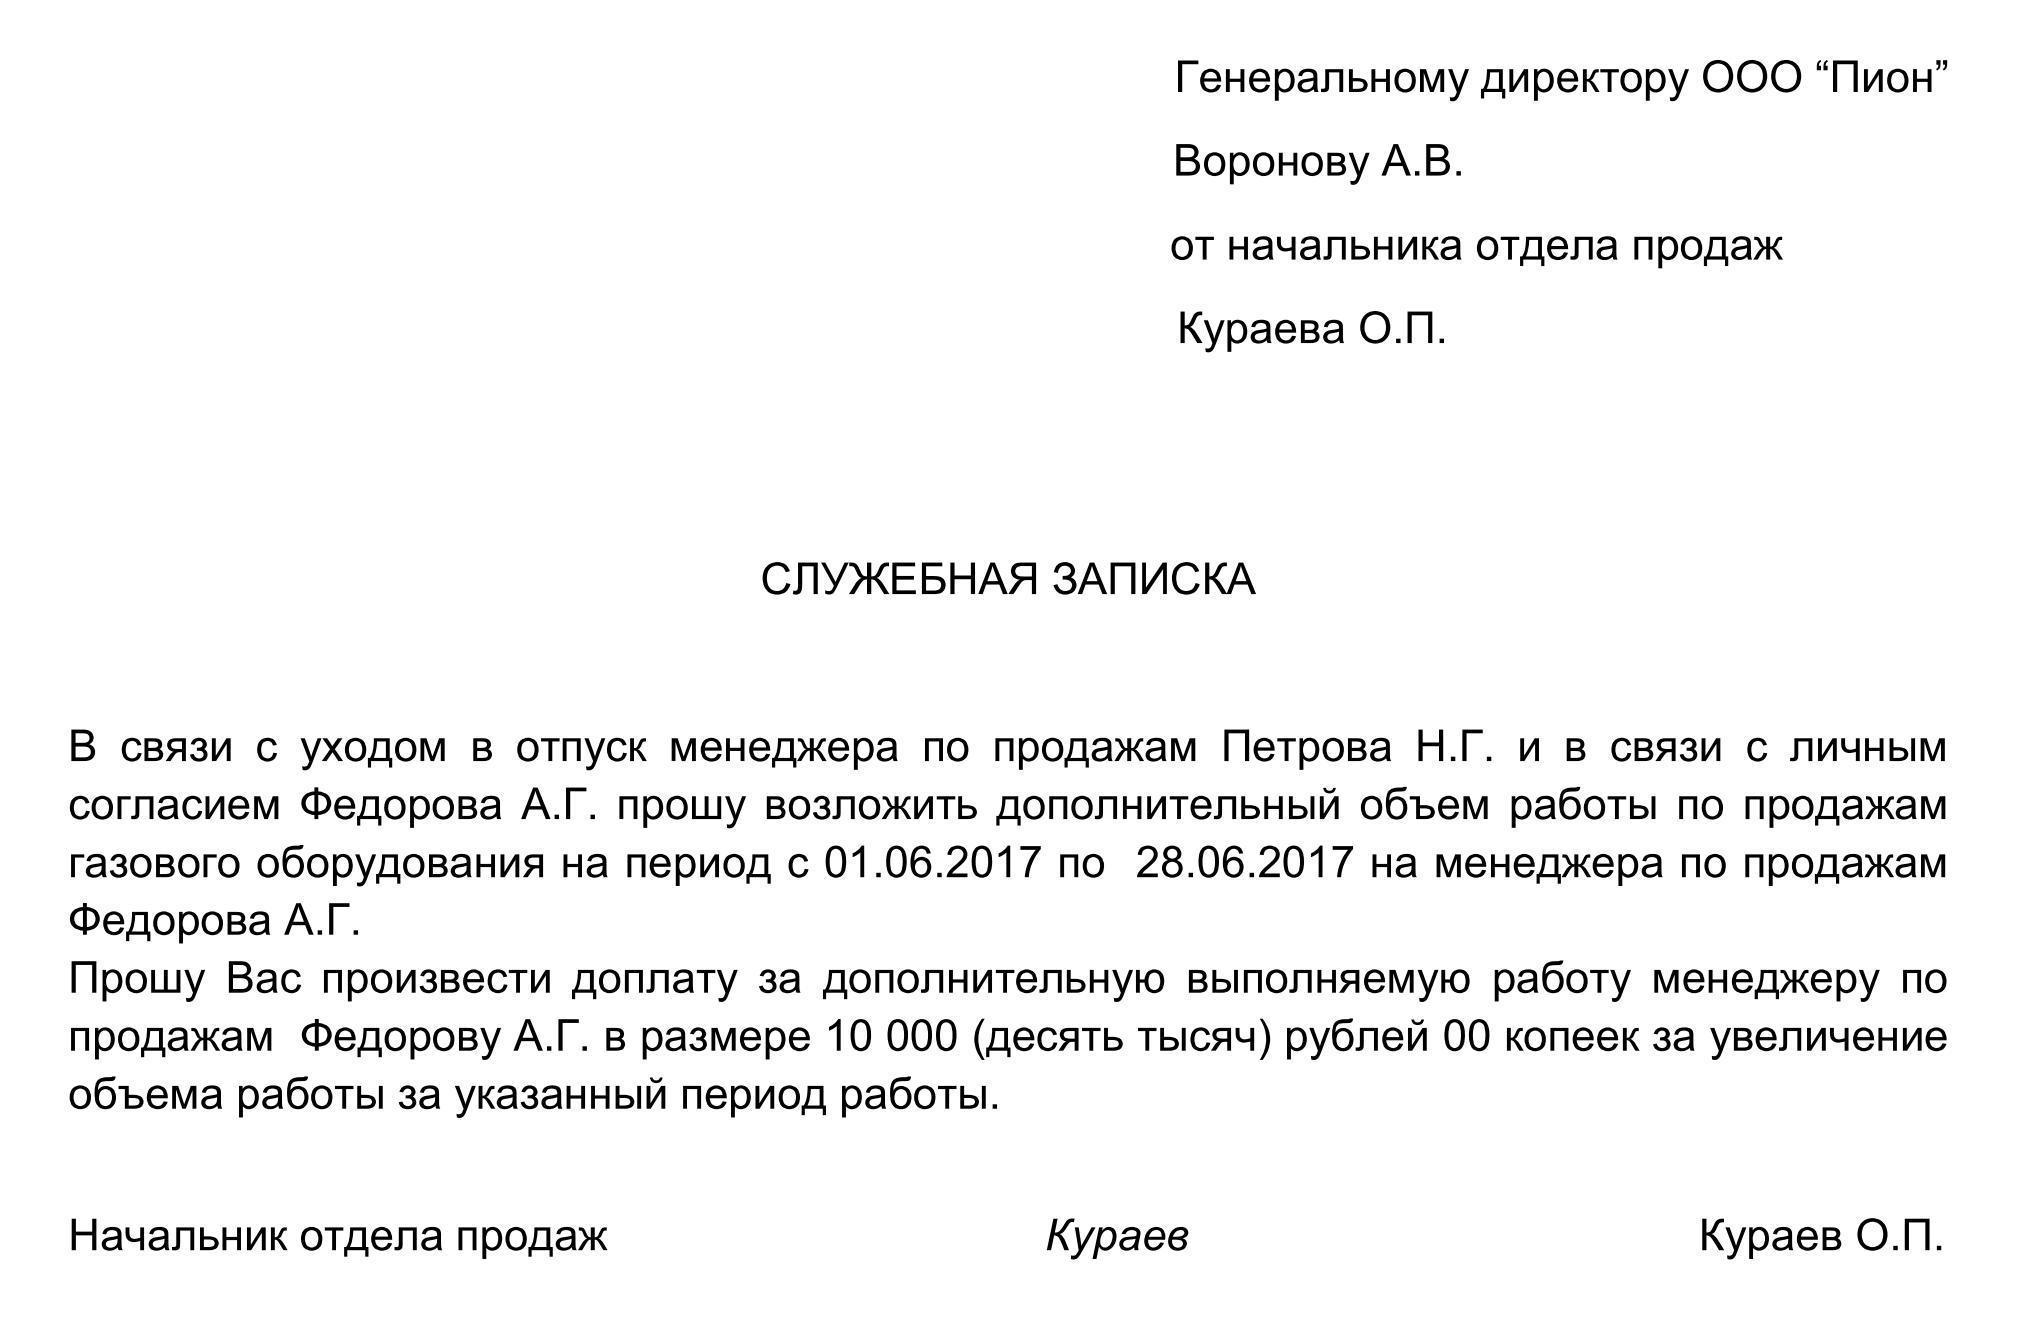 Распоряжение о надбавке ежемесячной делопроизводителю за увеличения объема